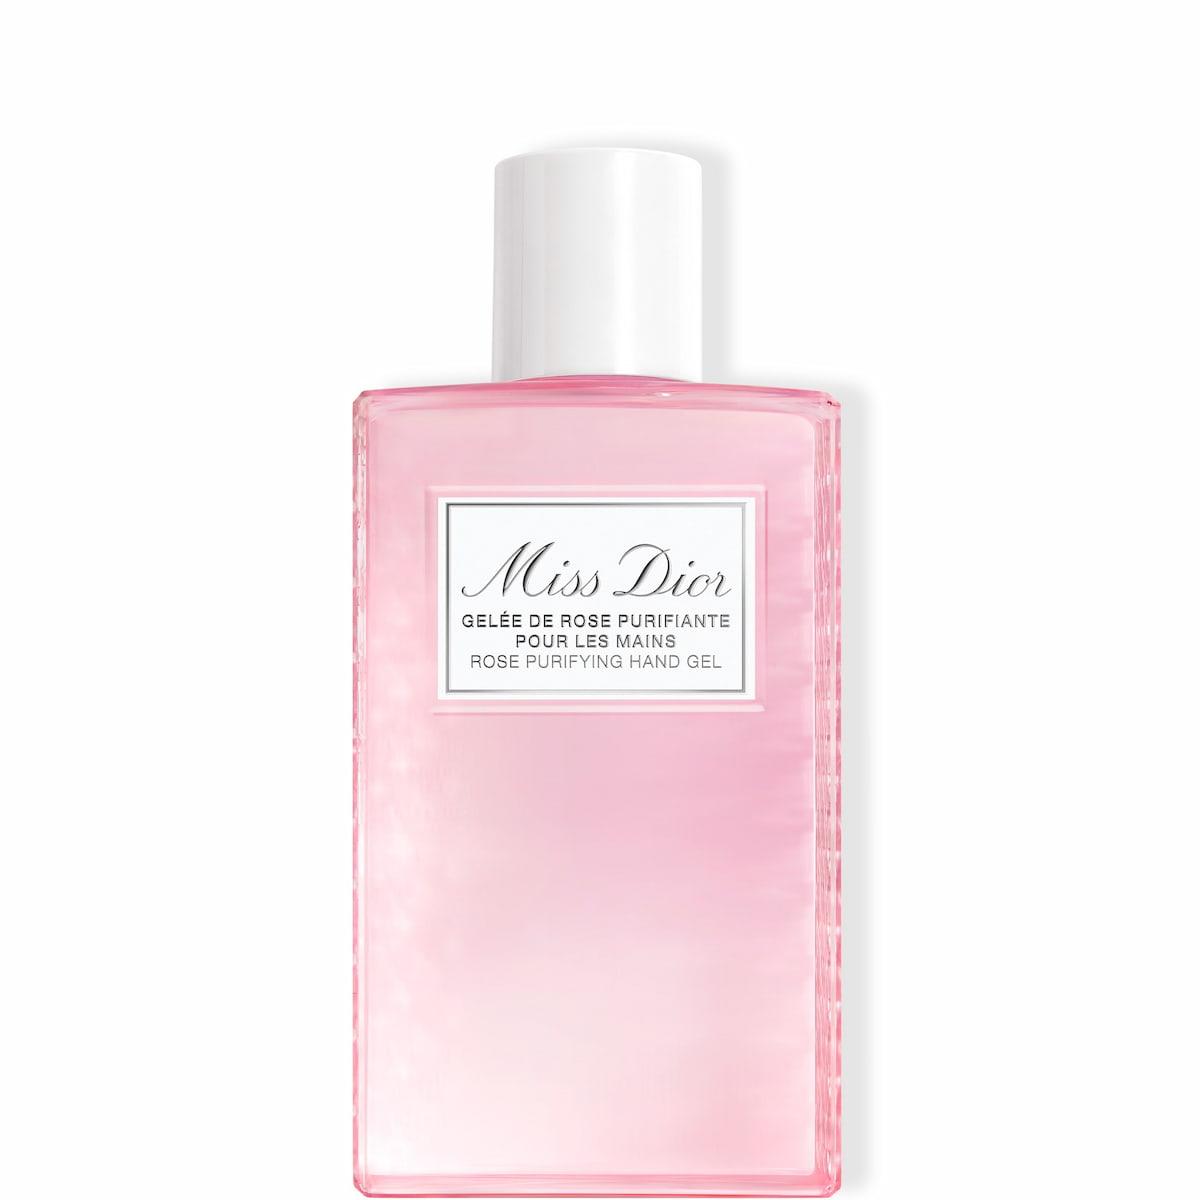 Miss Dior Gelée de rose purifiante pour les mains